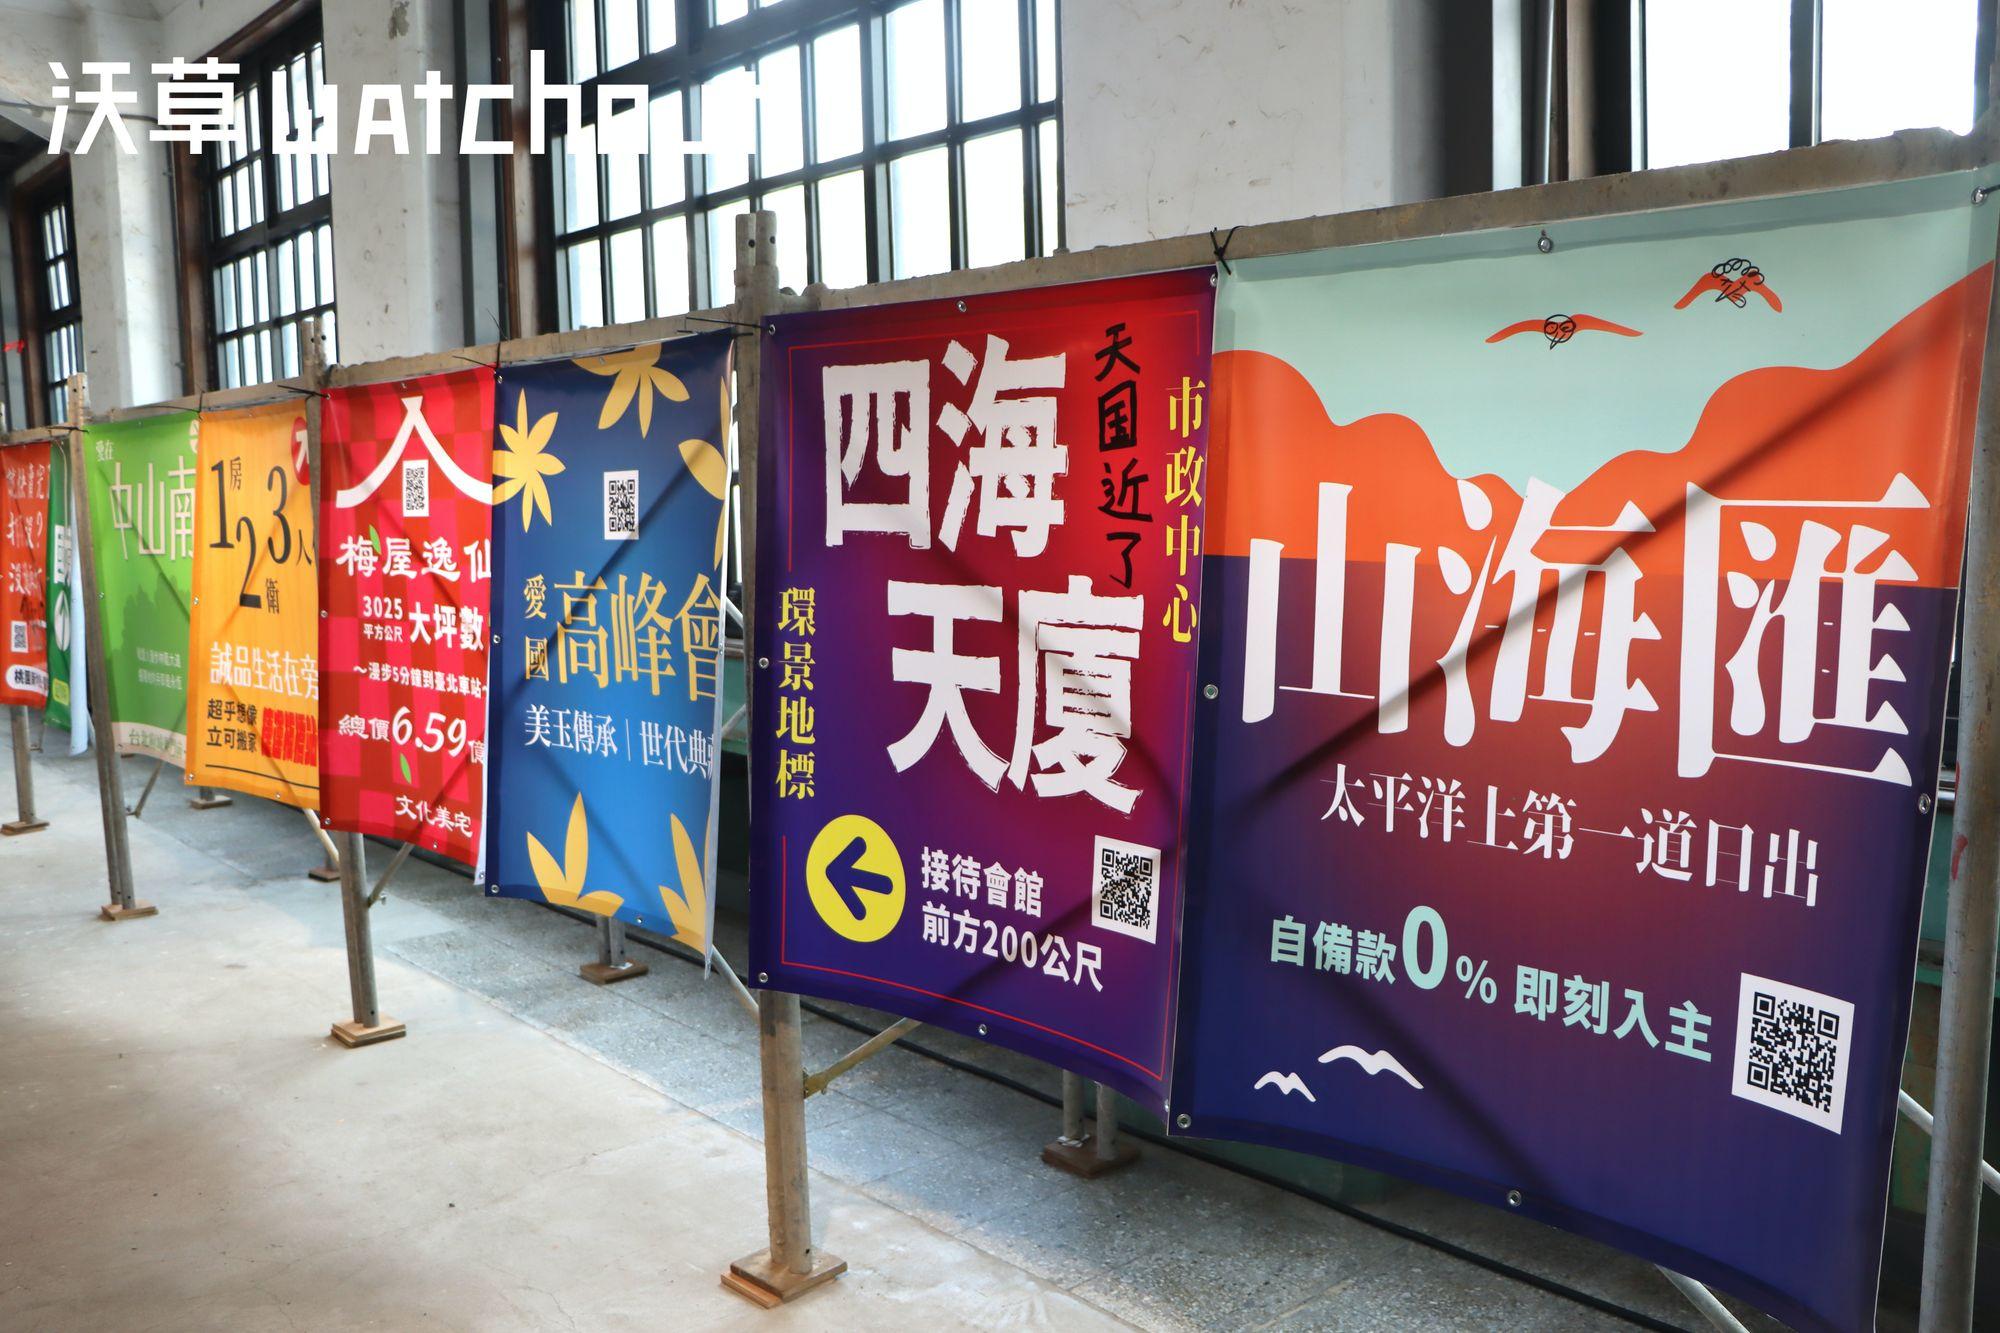 展場中以建案廣告概念展示過去中國國民黨利用執政之便,於全臺拿到的土地。總面積約 5 個大安森林公園之大(攝影/廖昱涵)